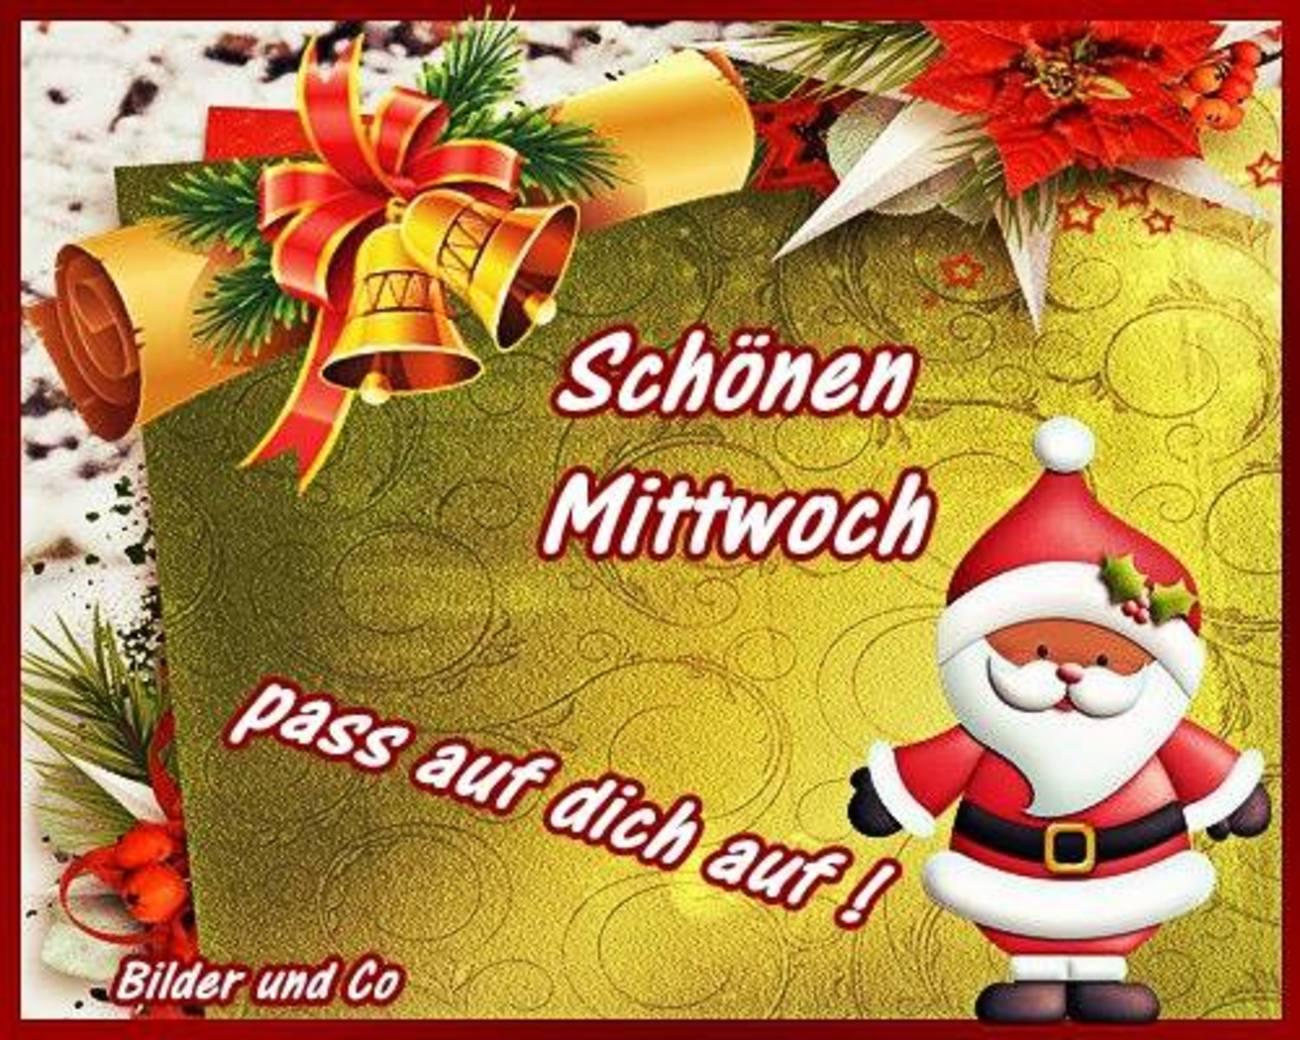 Schönen Mittwoch Weihnachten 73 Gbpicsbildercom